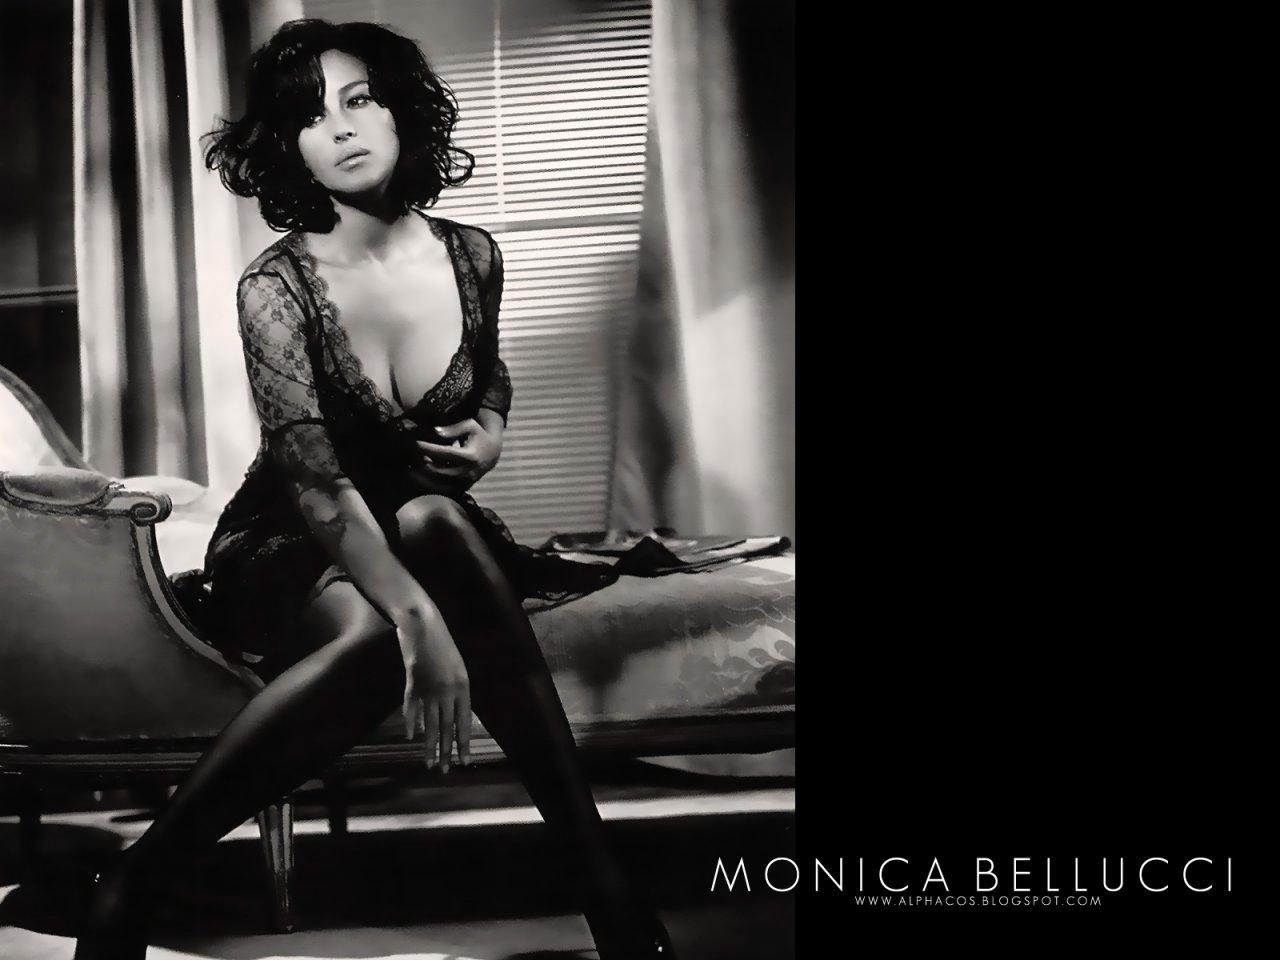 Секс В Автомобиле С Моникой Беллуччи – Сколько Ты Стоишь? (2005)